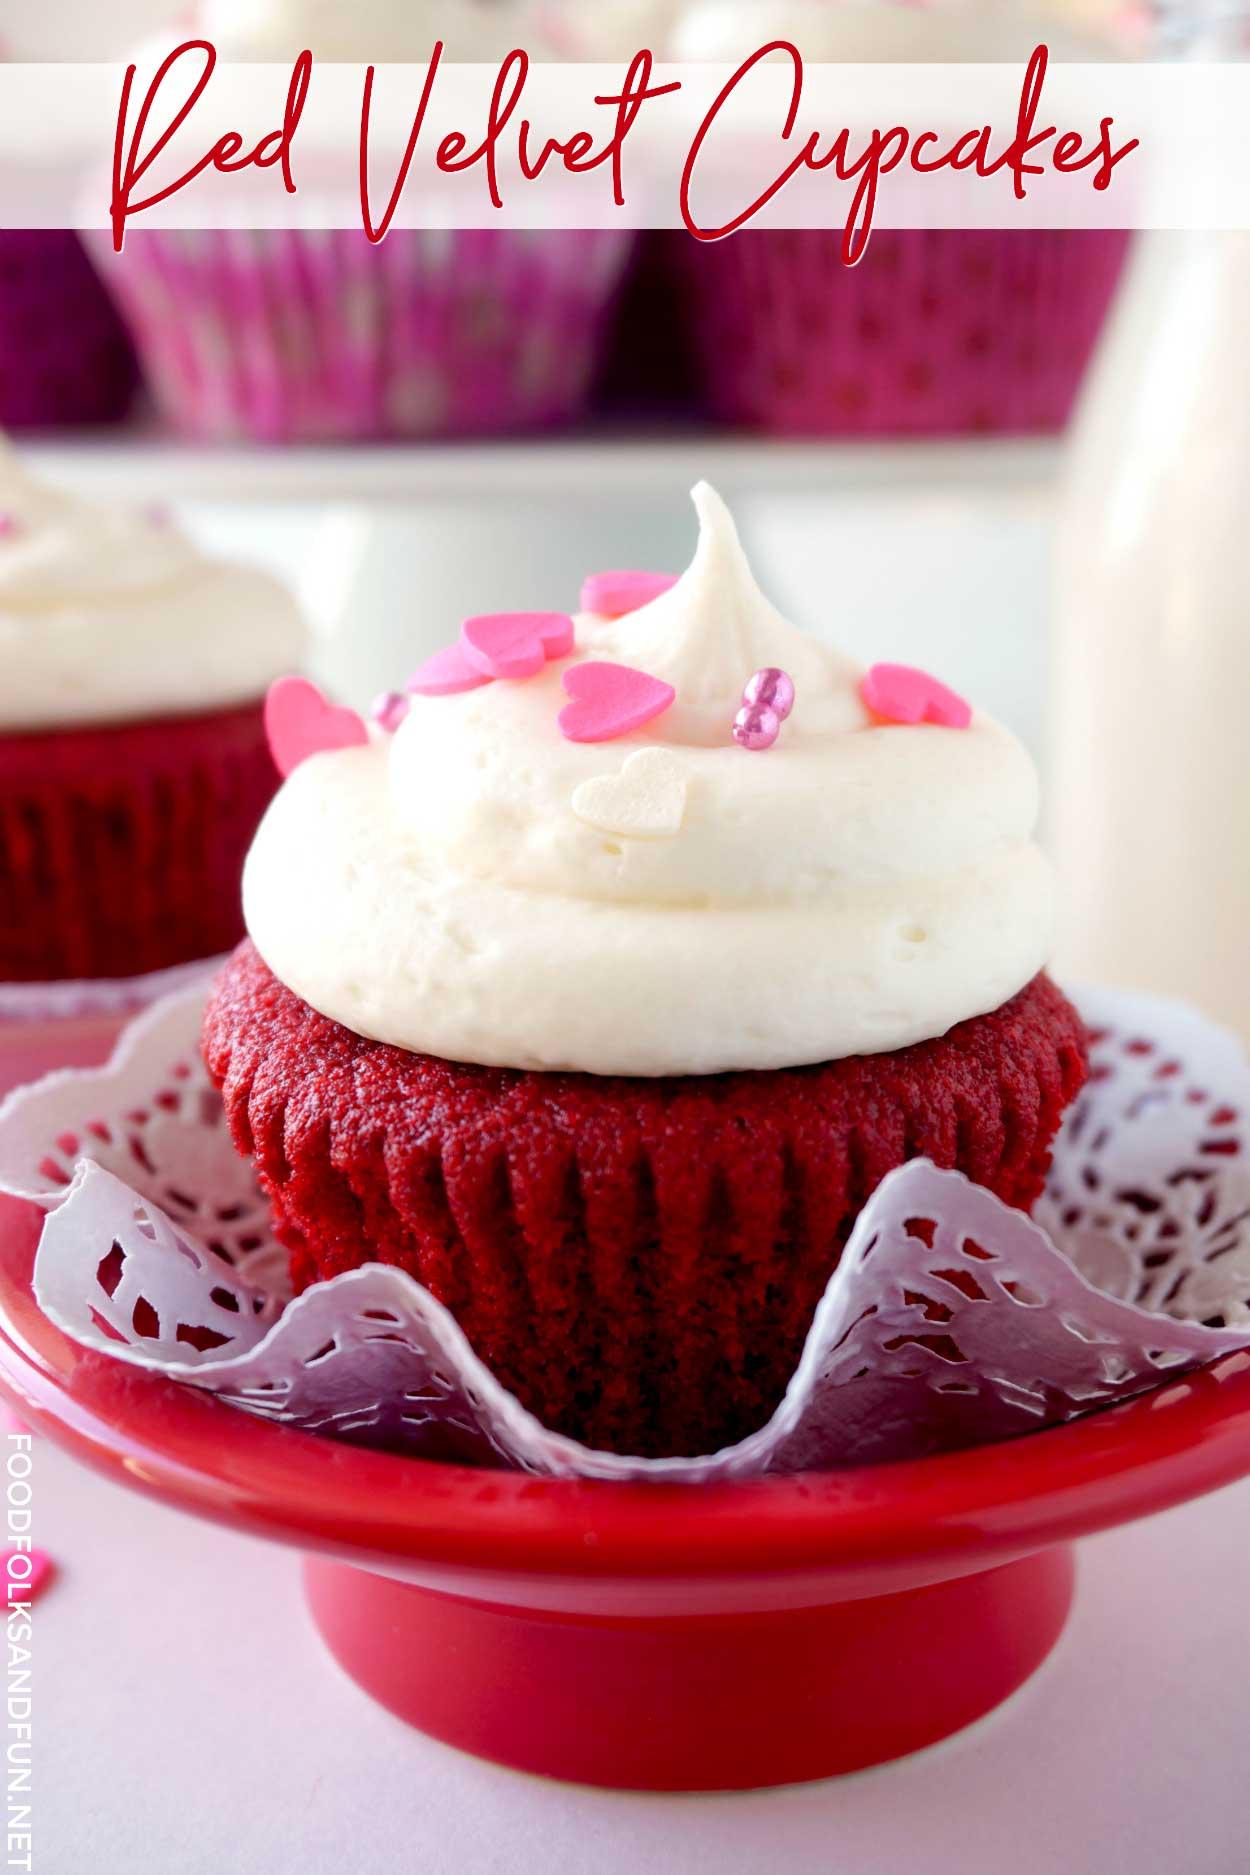 Red Velvet Cupcakes for Valentine's Day